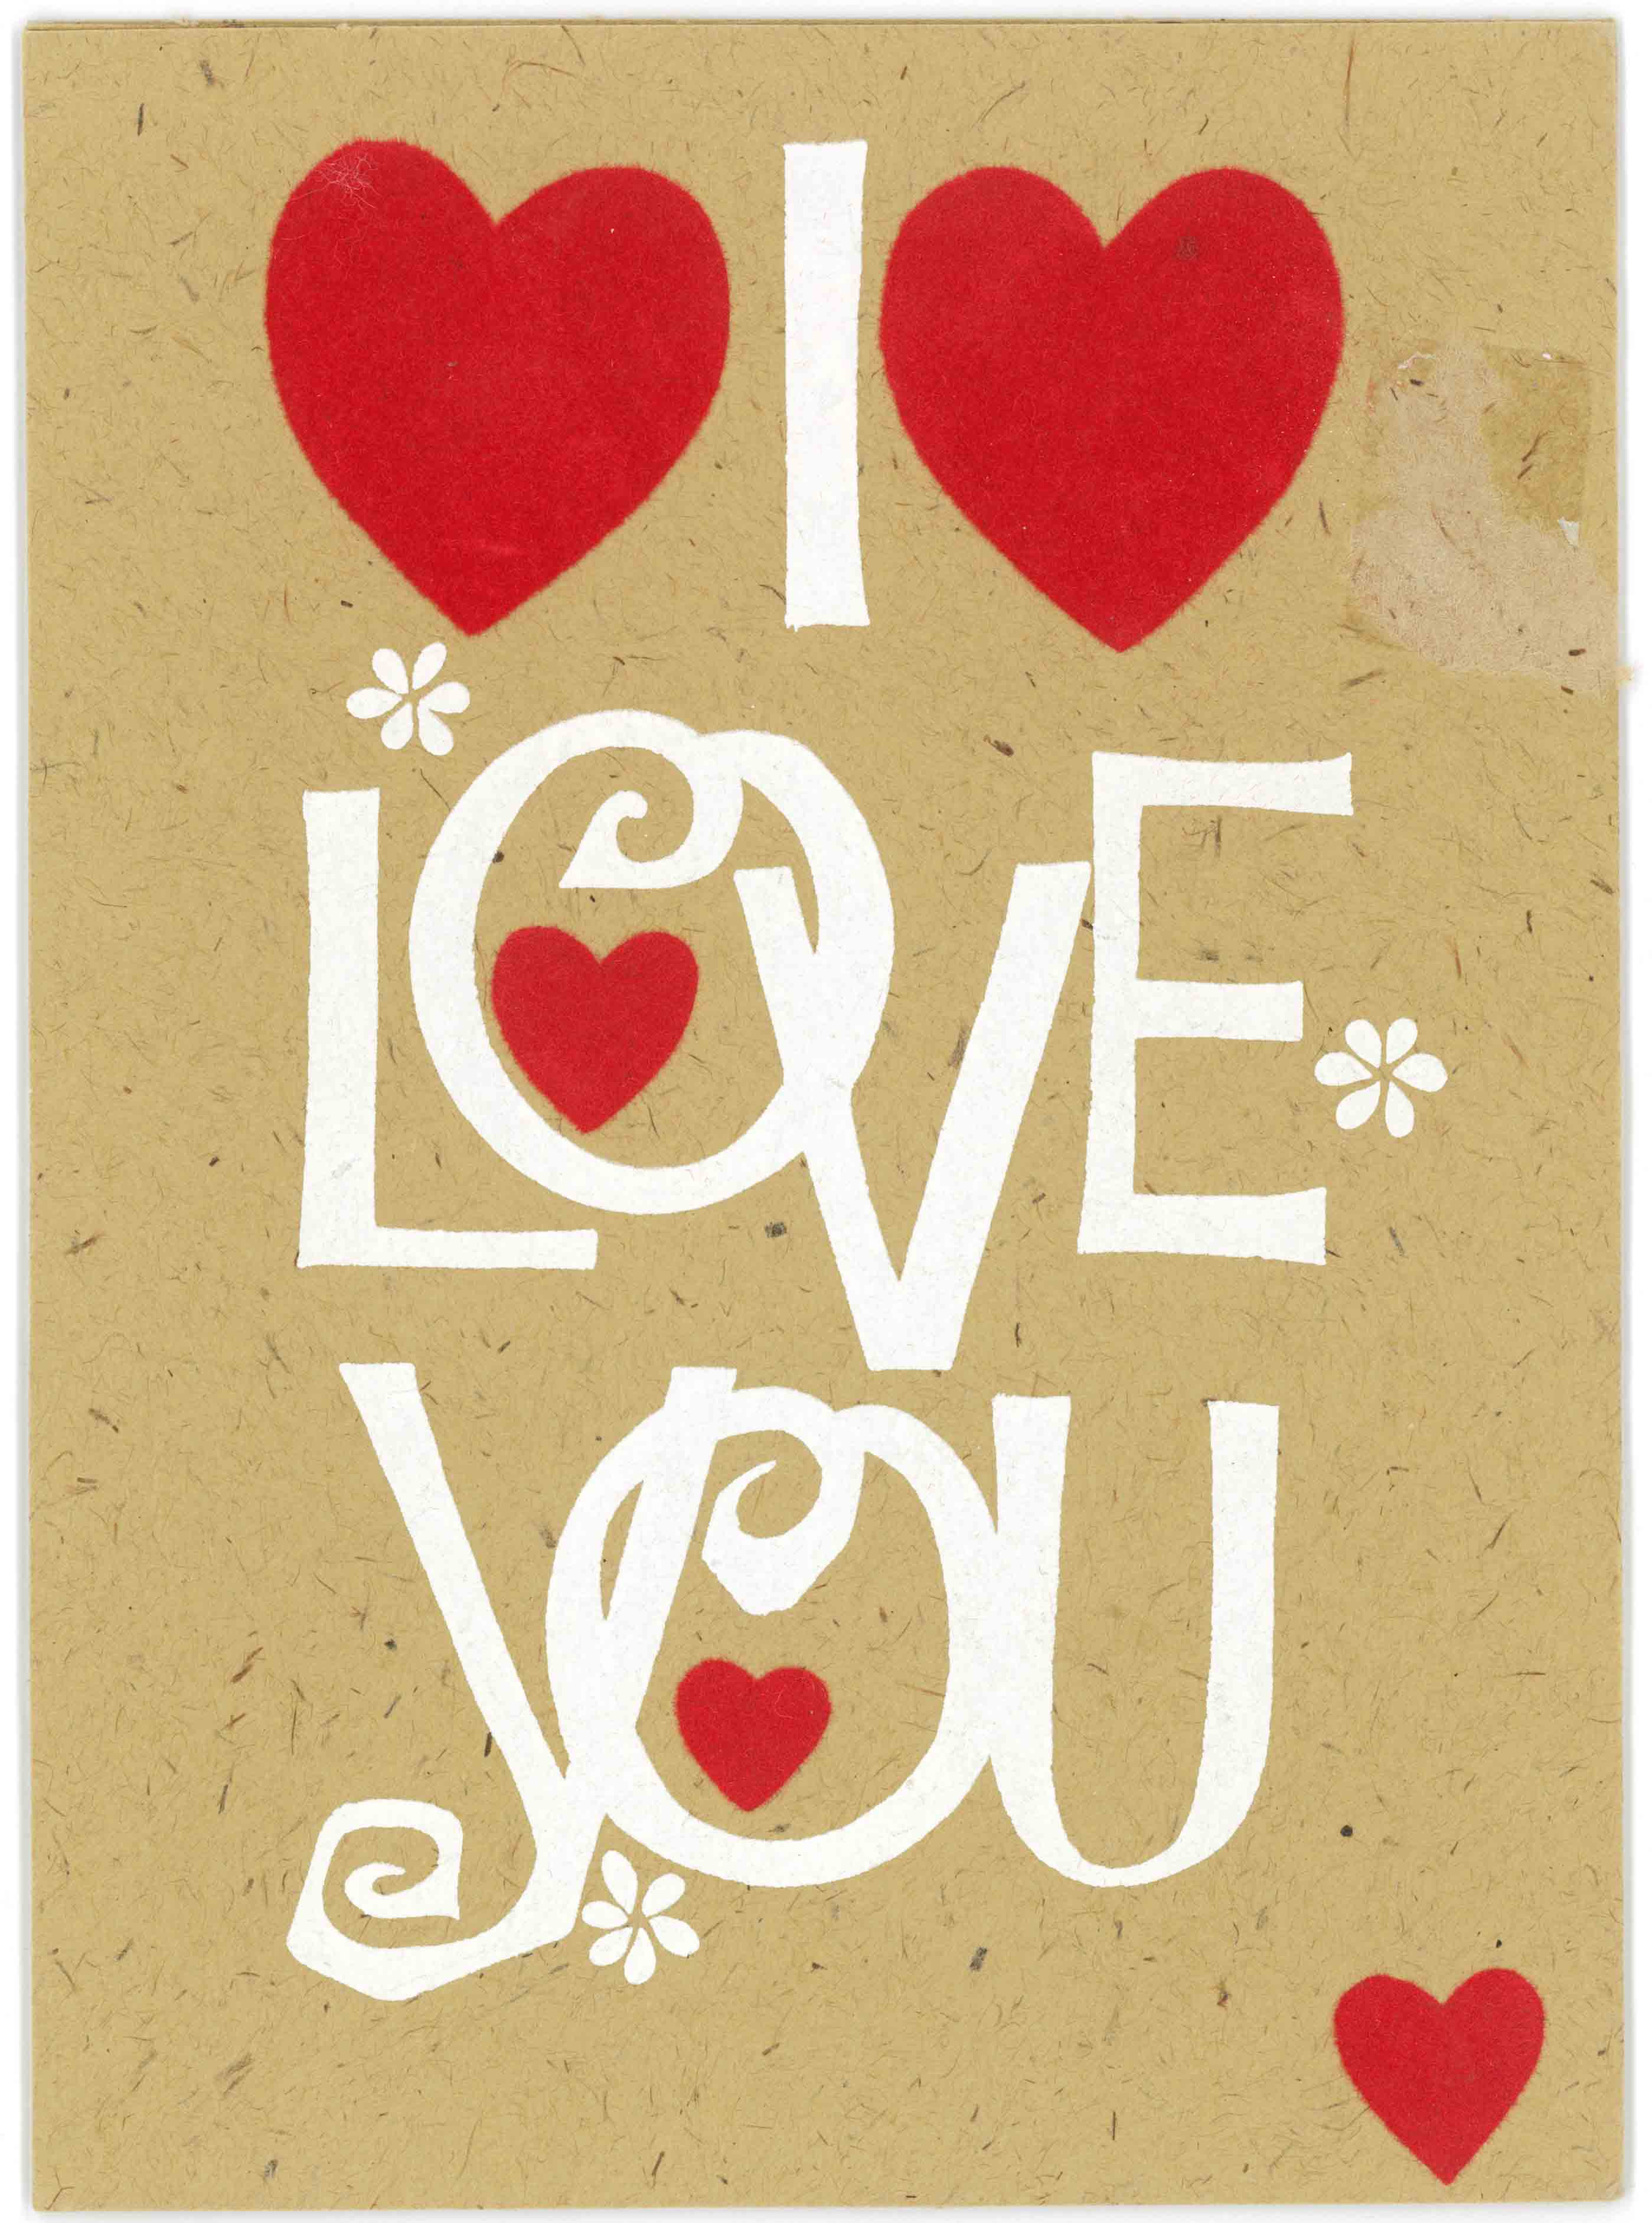 1965 Valentine's Day Card